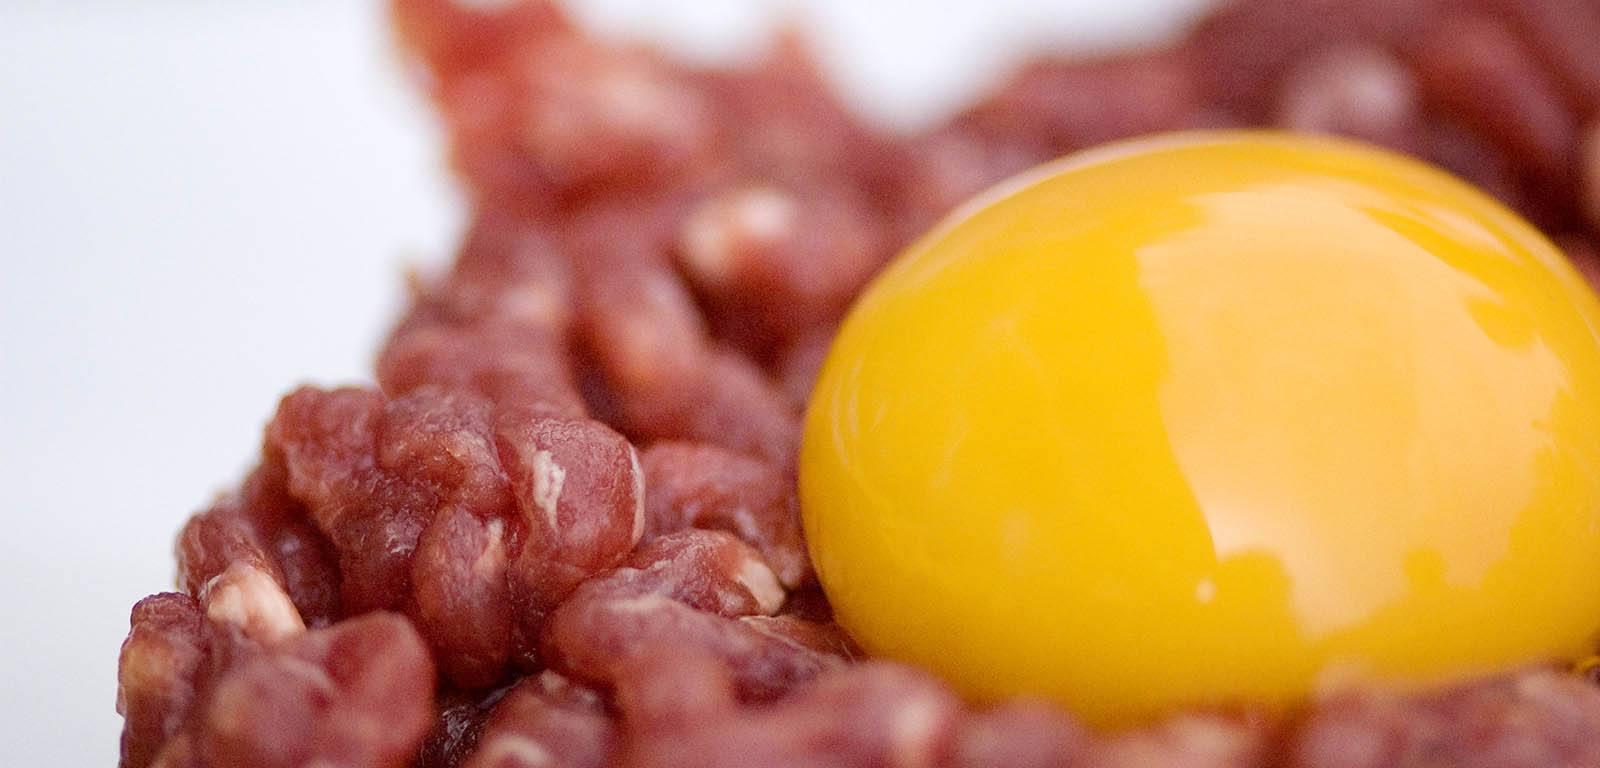 Un jaune d'oeuf et de la viande riches en protéines et acides aminés